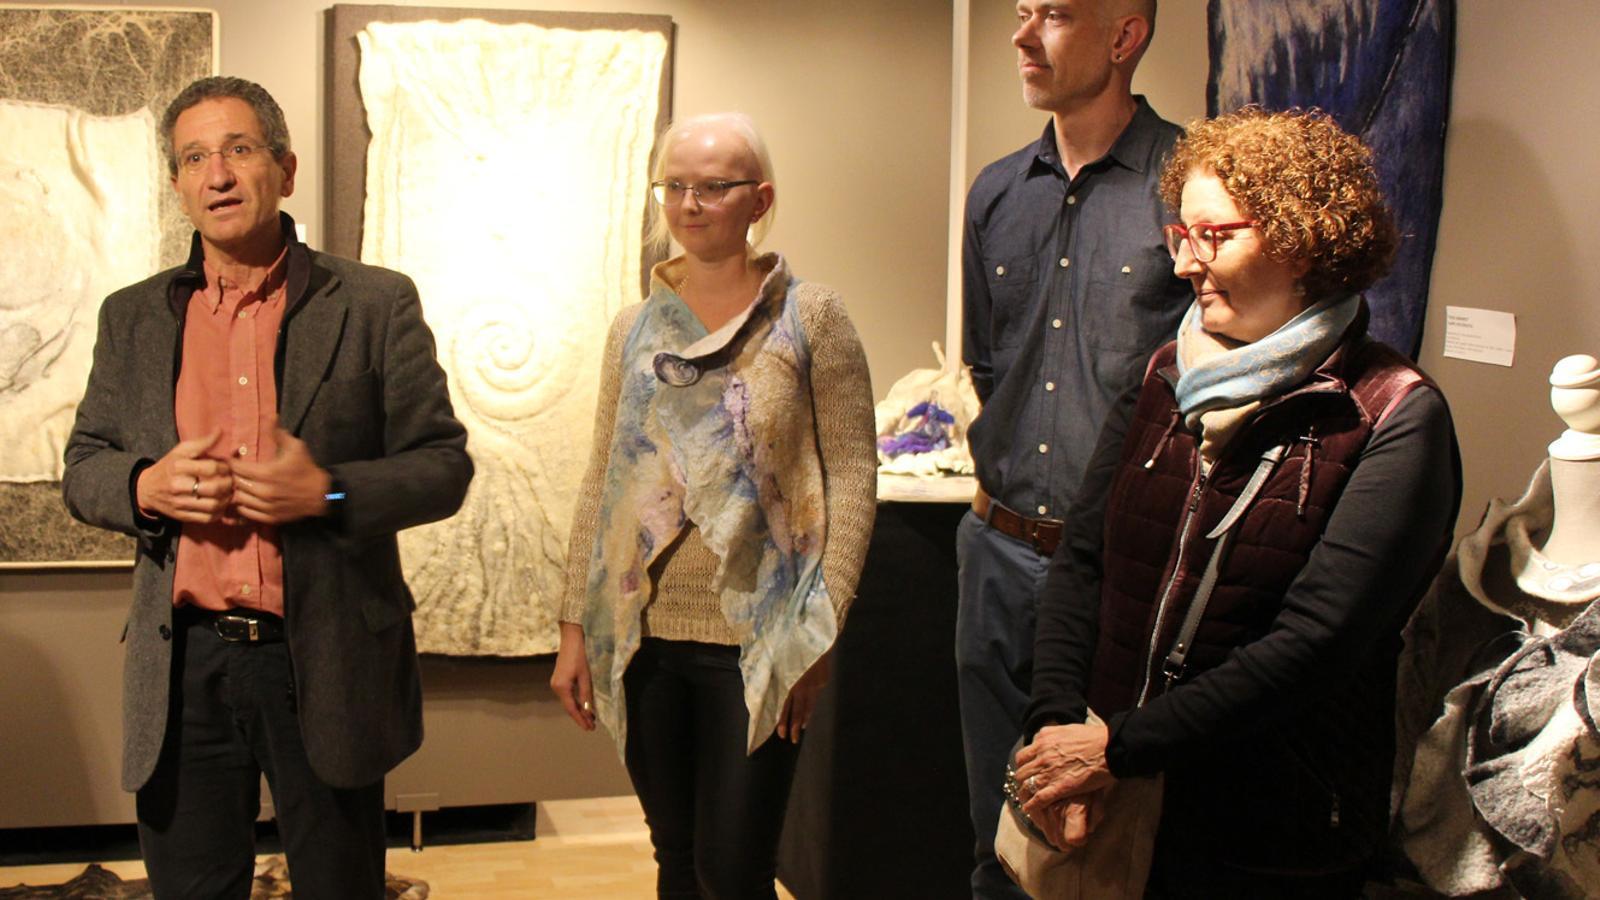 Obertura de les XII Jornades tèxtil i de puntaires d'Escaldes-Engordany amb Pierre Fouché, Linda Prema i Marutxi Beaumont. / T. N. (ANA)